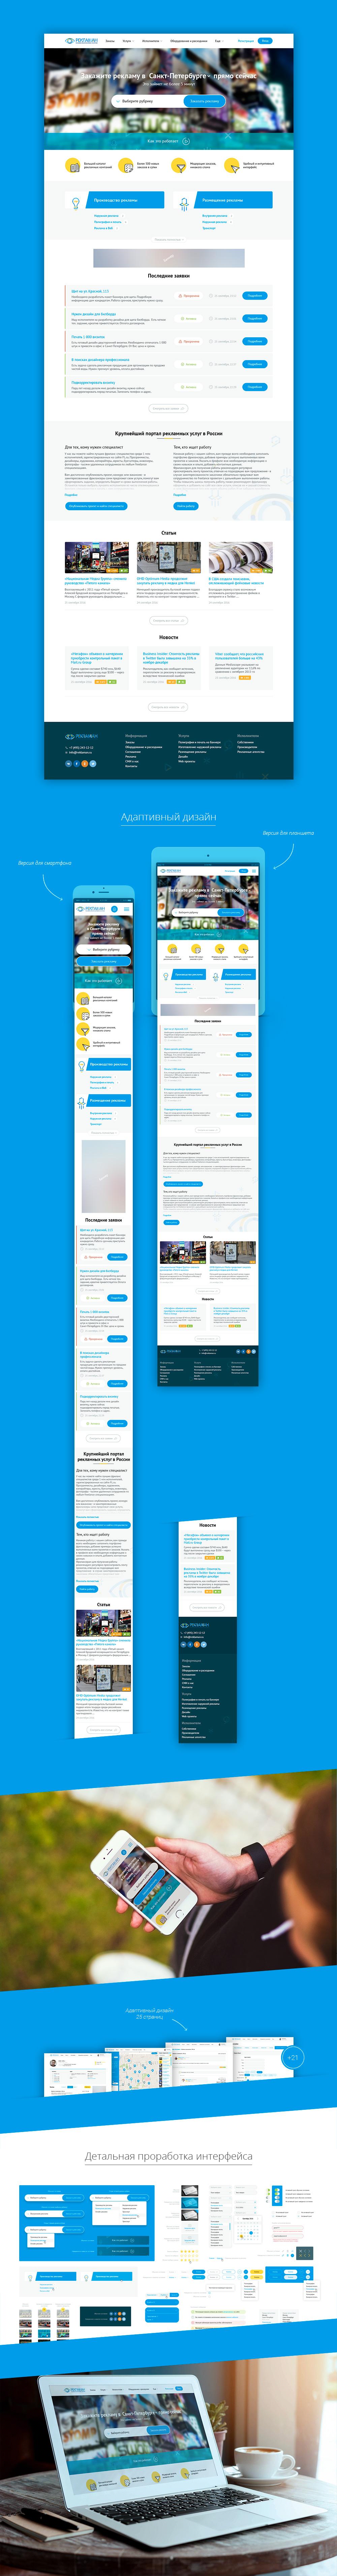 Адаптивный дизайн рекламного портала «Рекламан»